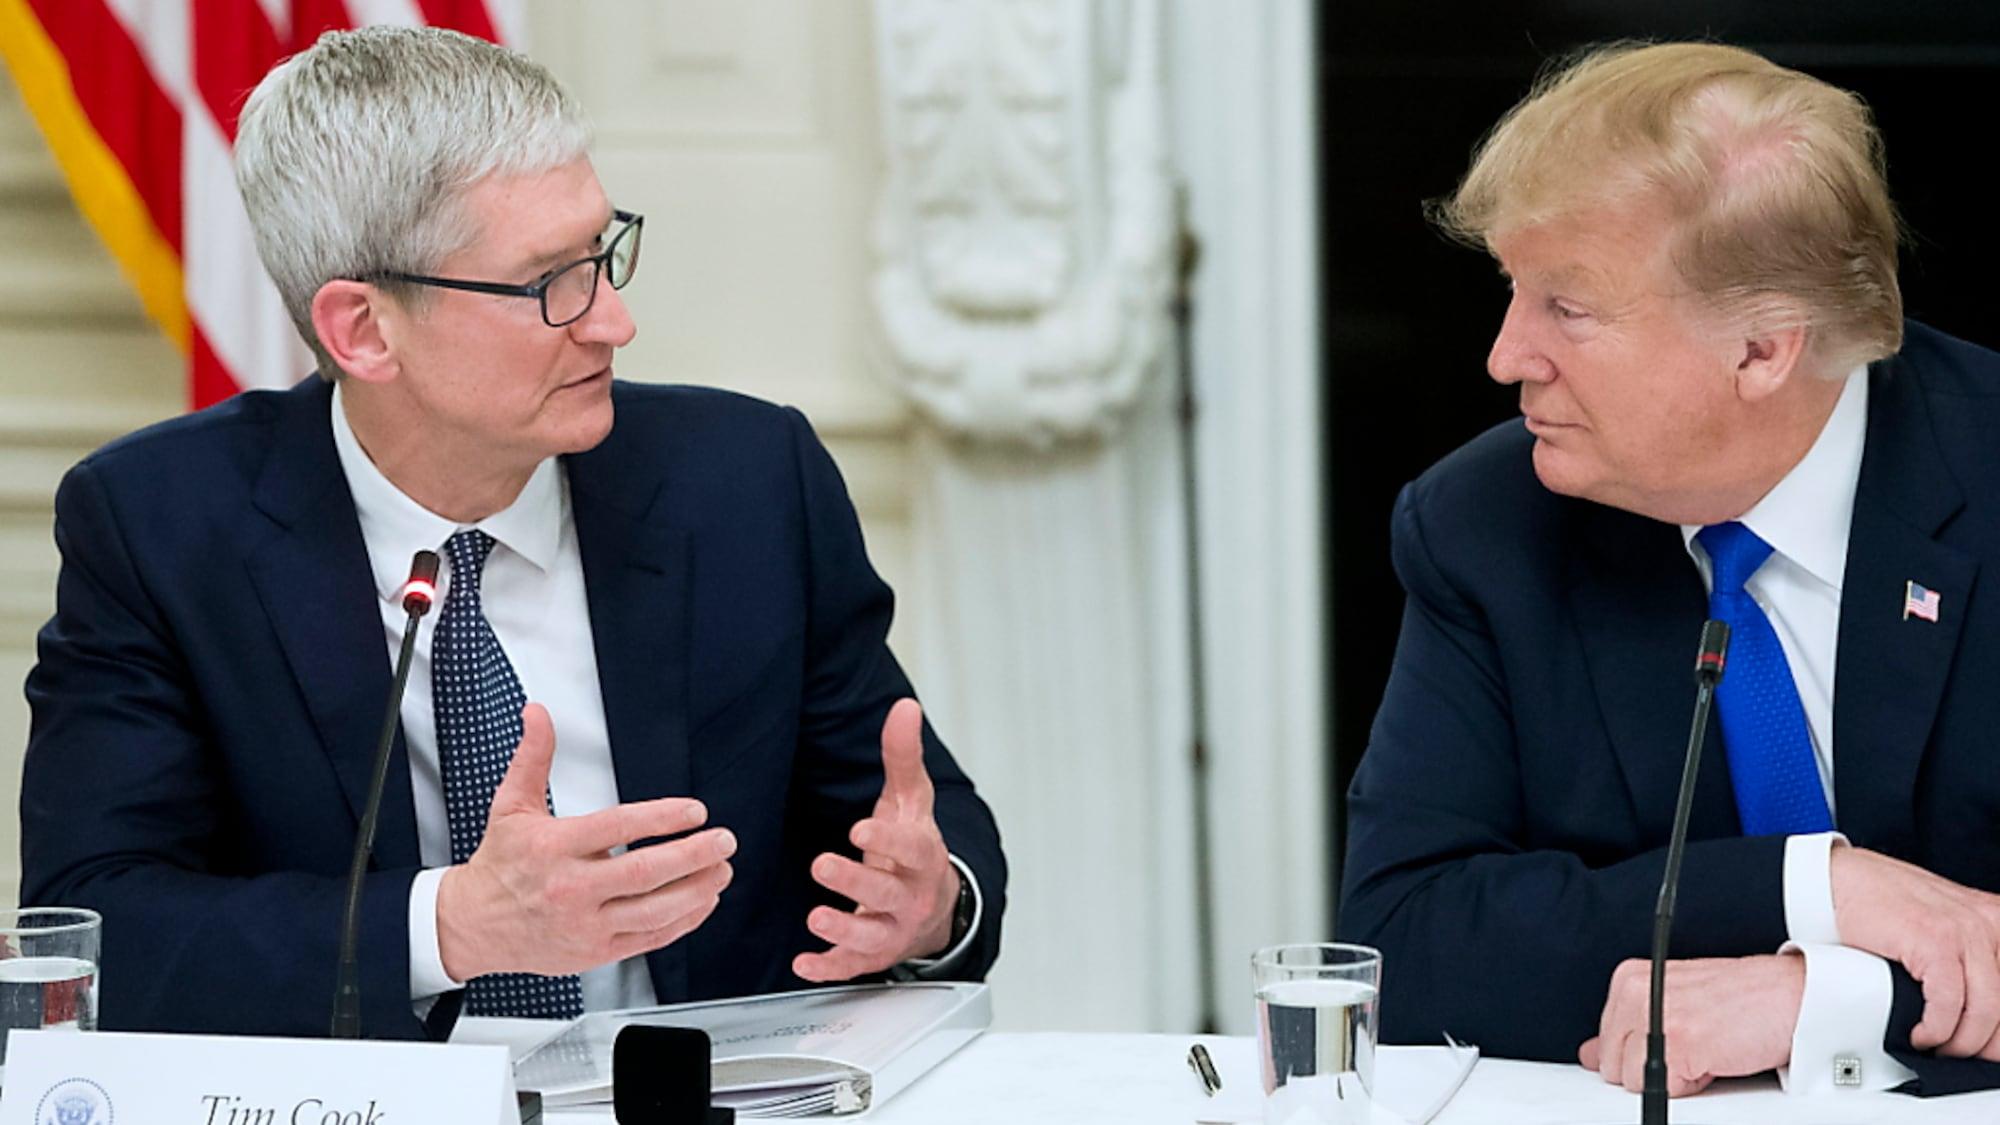 Informationstechnologie: Apple-Chef besorgt über Wettbewerbsnachteil durch US-Zölle